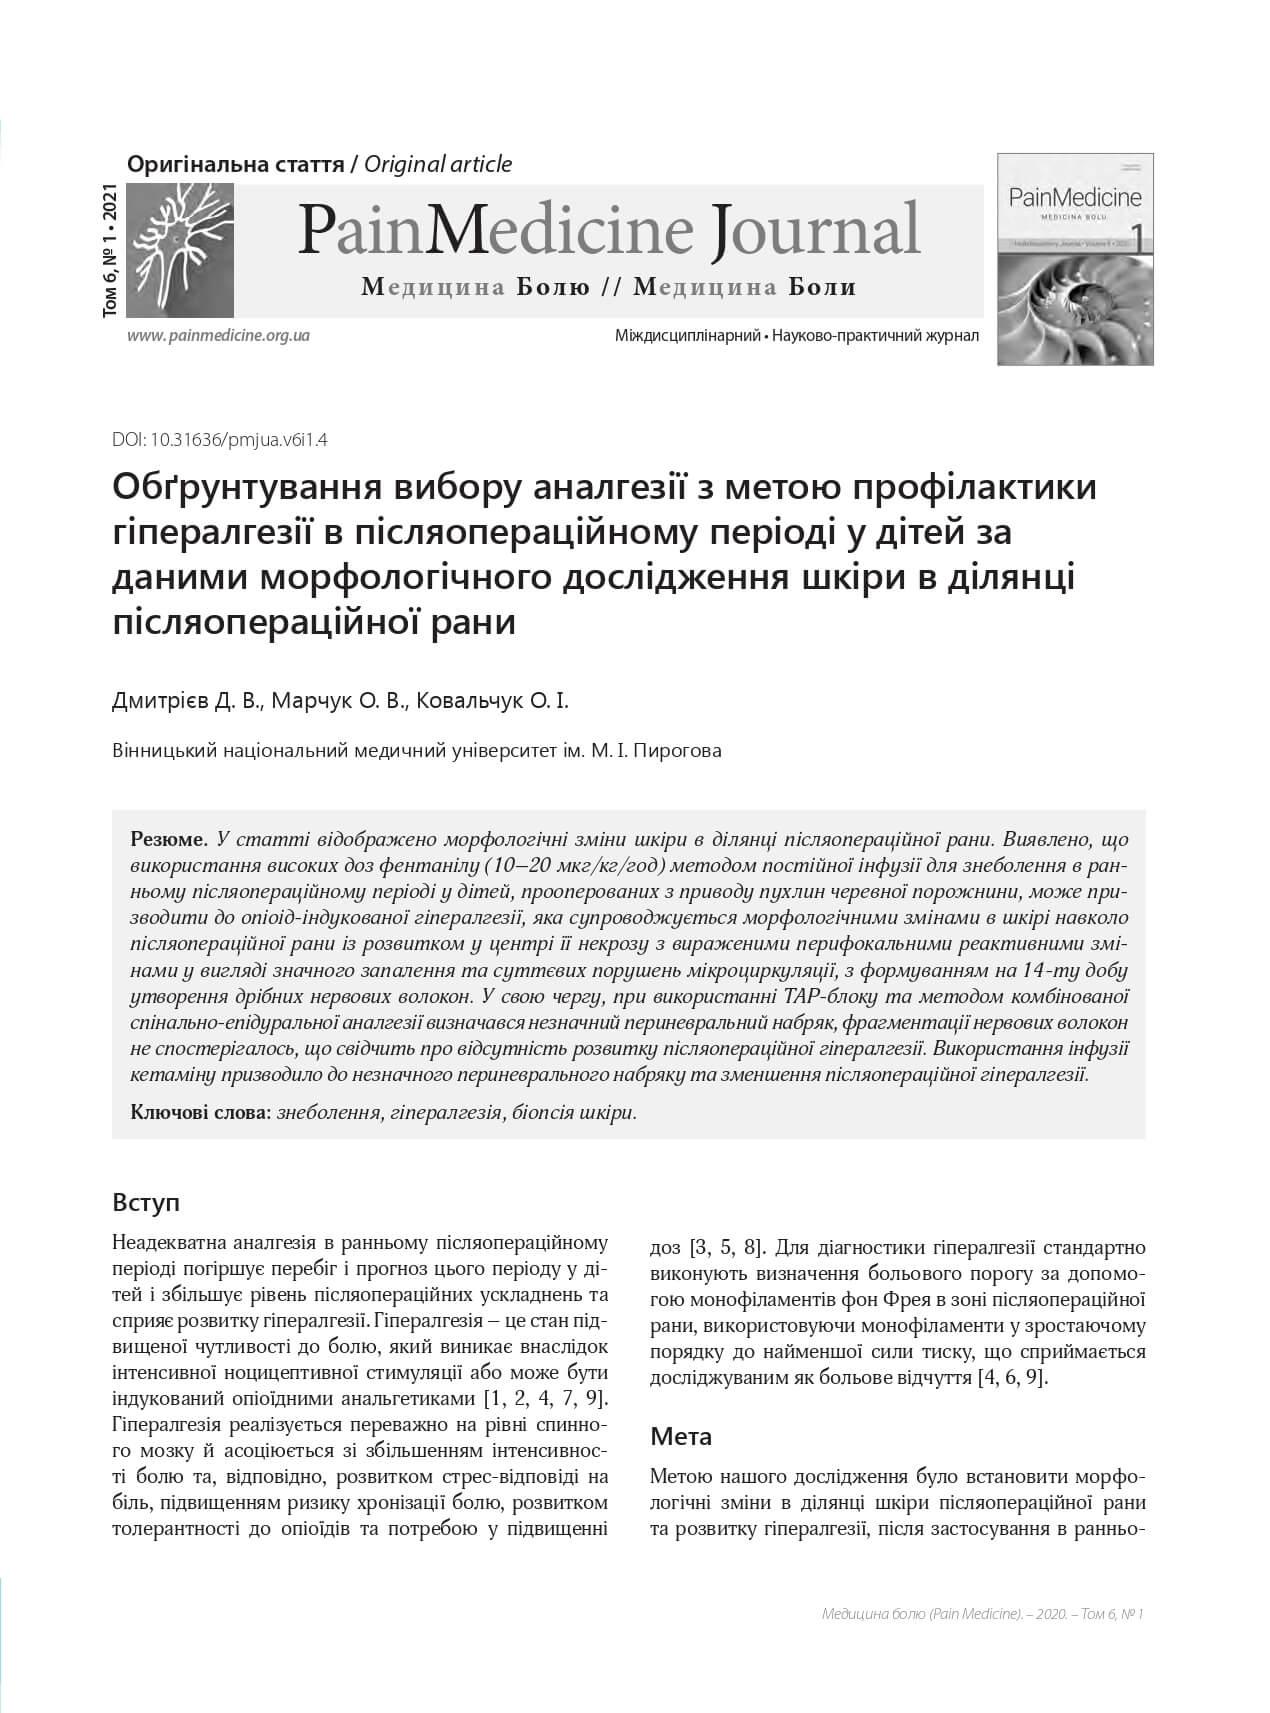 Обґрунтування вибору аналгезії з метою профілактики  гіпералгезії в післяопераційному періоді у дітей за  даними морфологічного дослідження шкіри в ділянці  післяопераційної рани